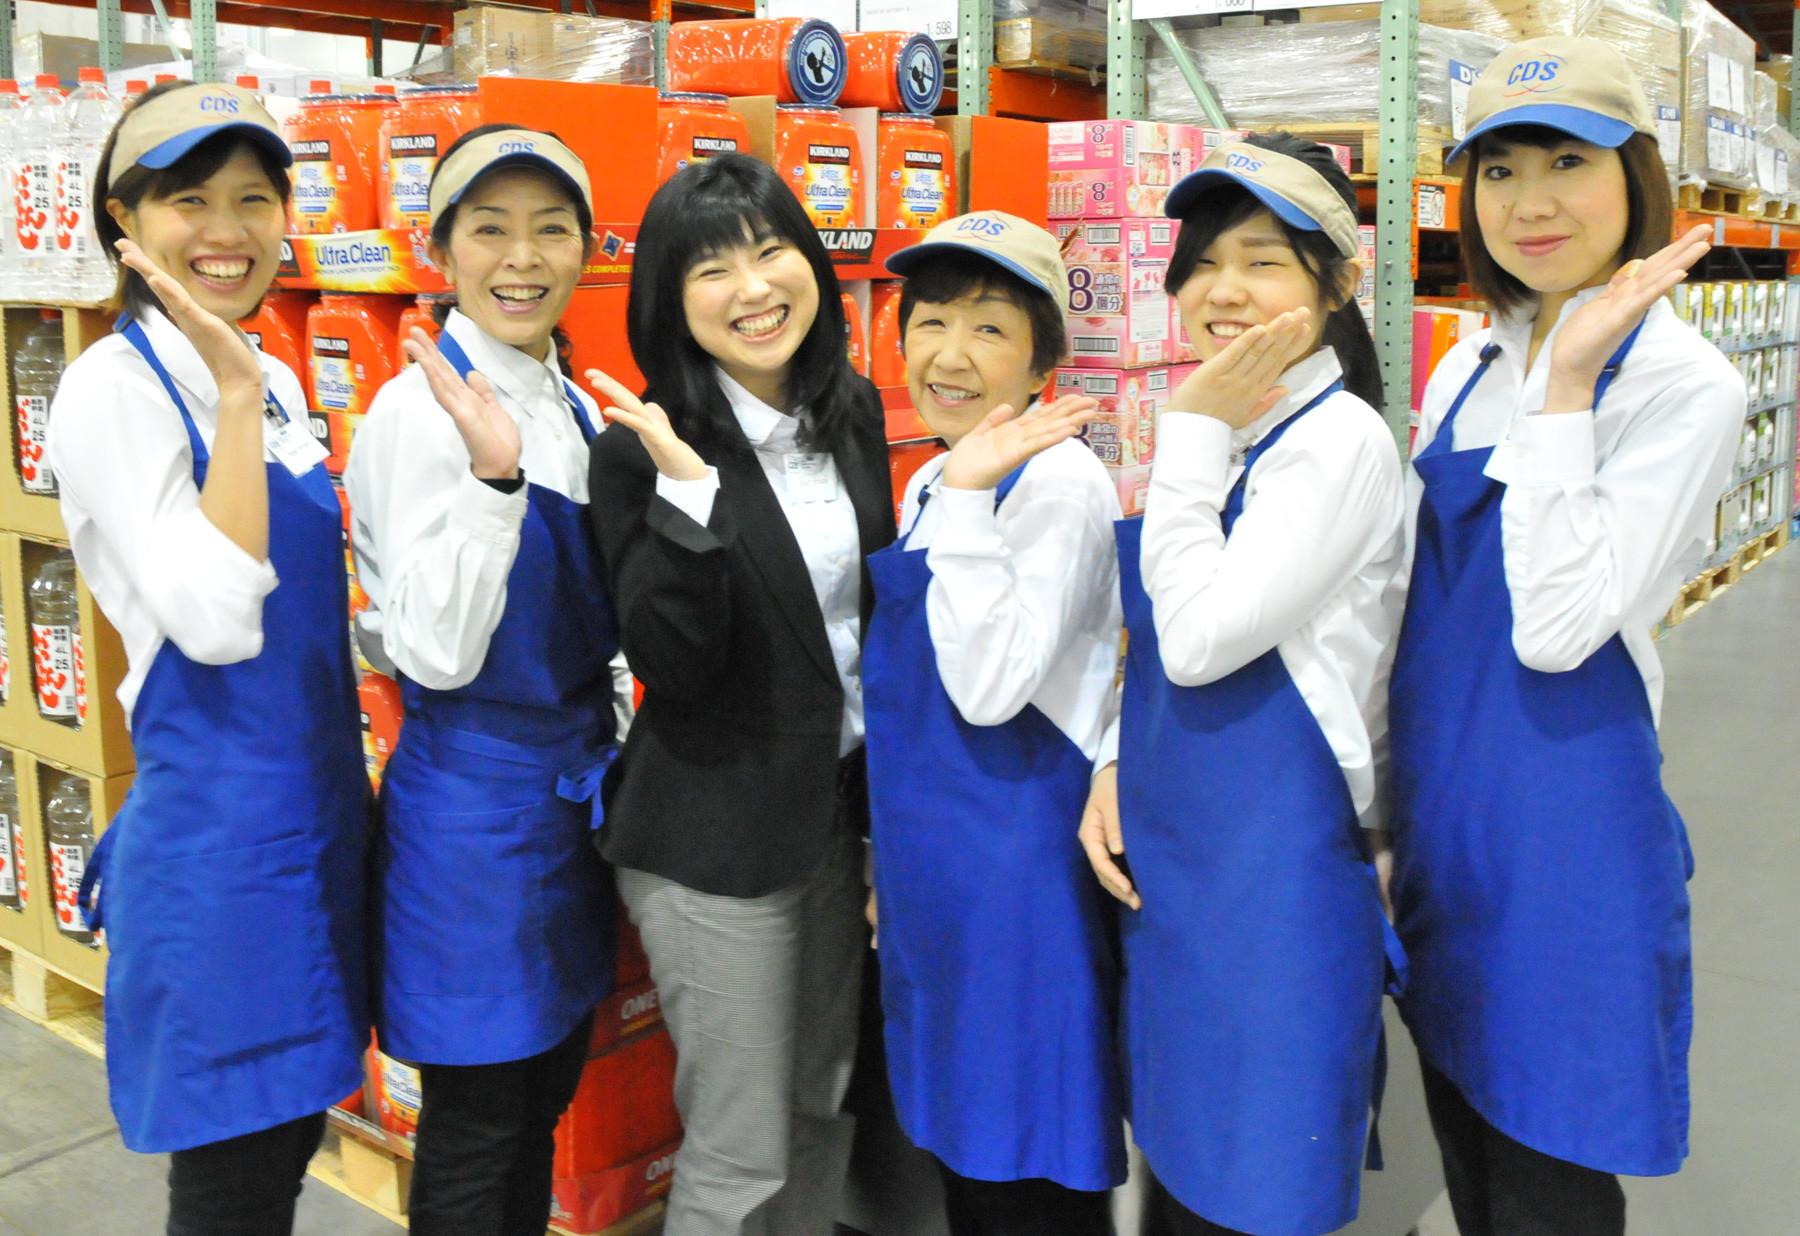 クラブ・デモンストレーション・サービシズ・インク コストコ千葉ニュータウン倉庫店のアルバイト情報